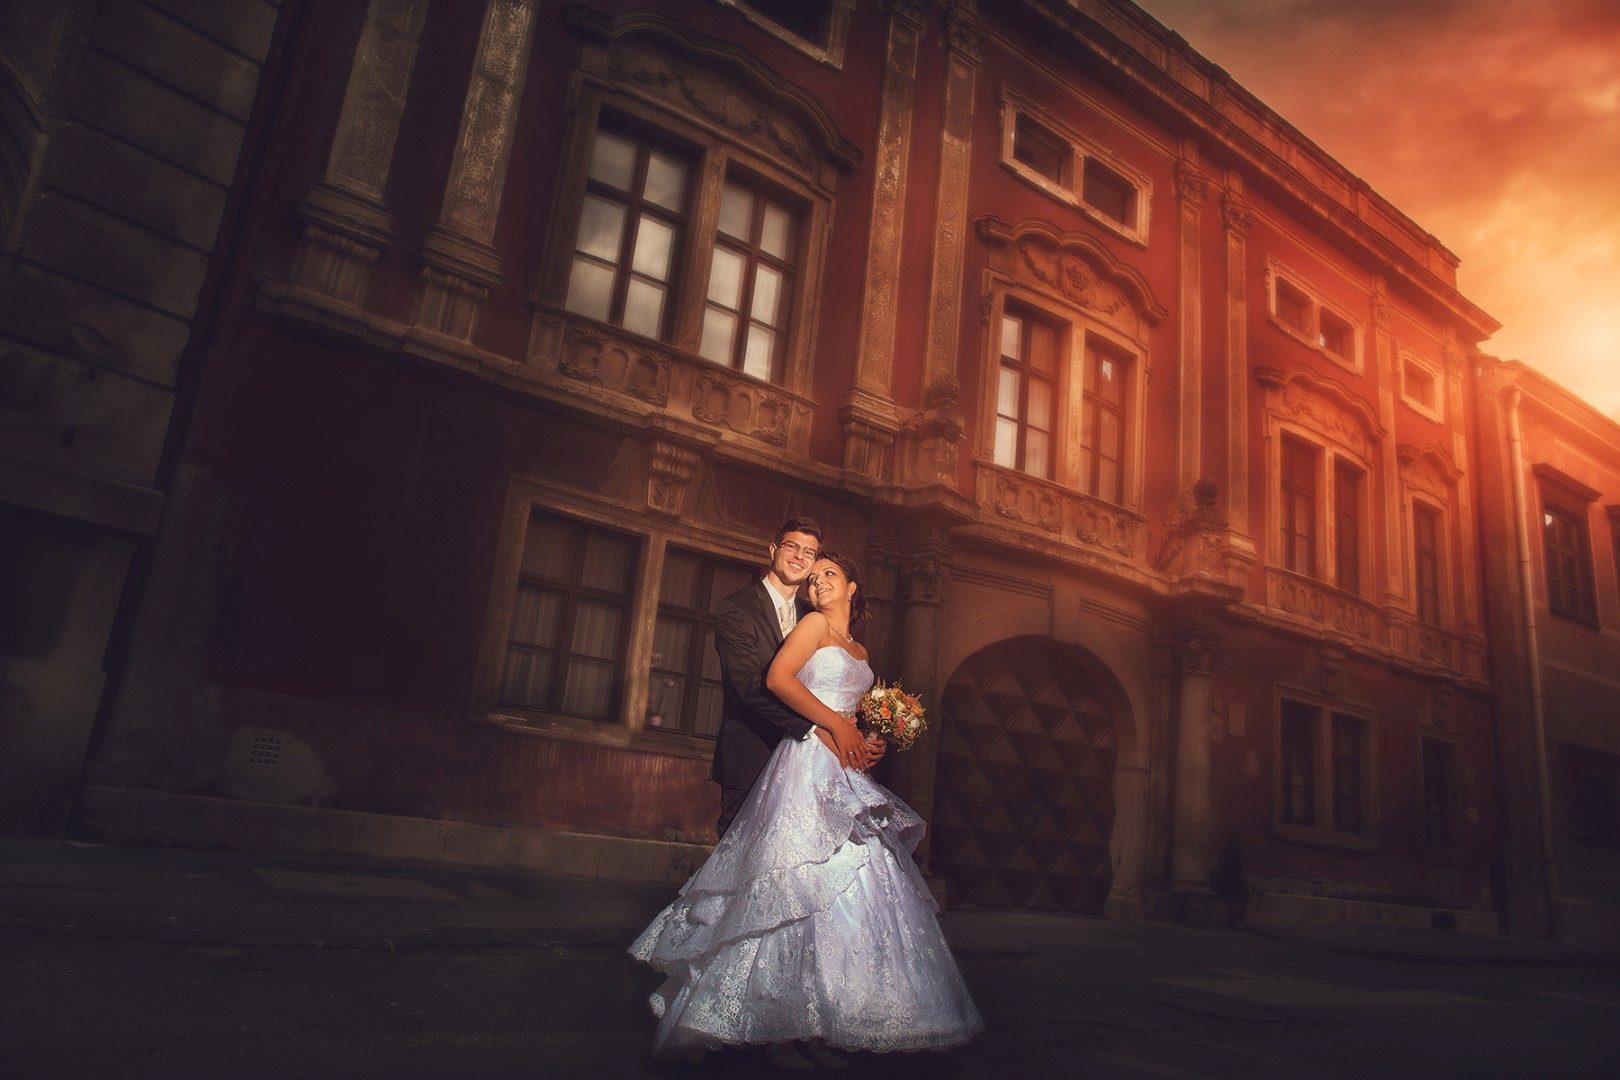 ,horváth tamás,ht photoprofessional,fotós,esküvői fotó,esküvőfotós,